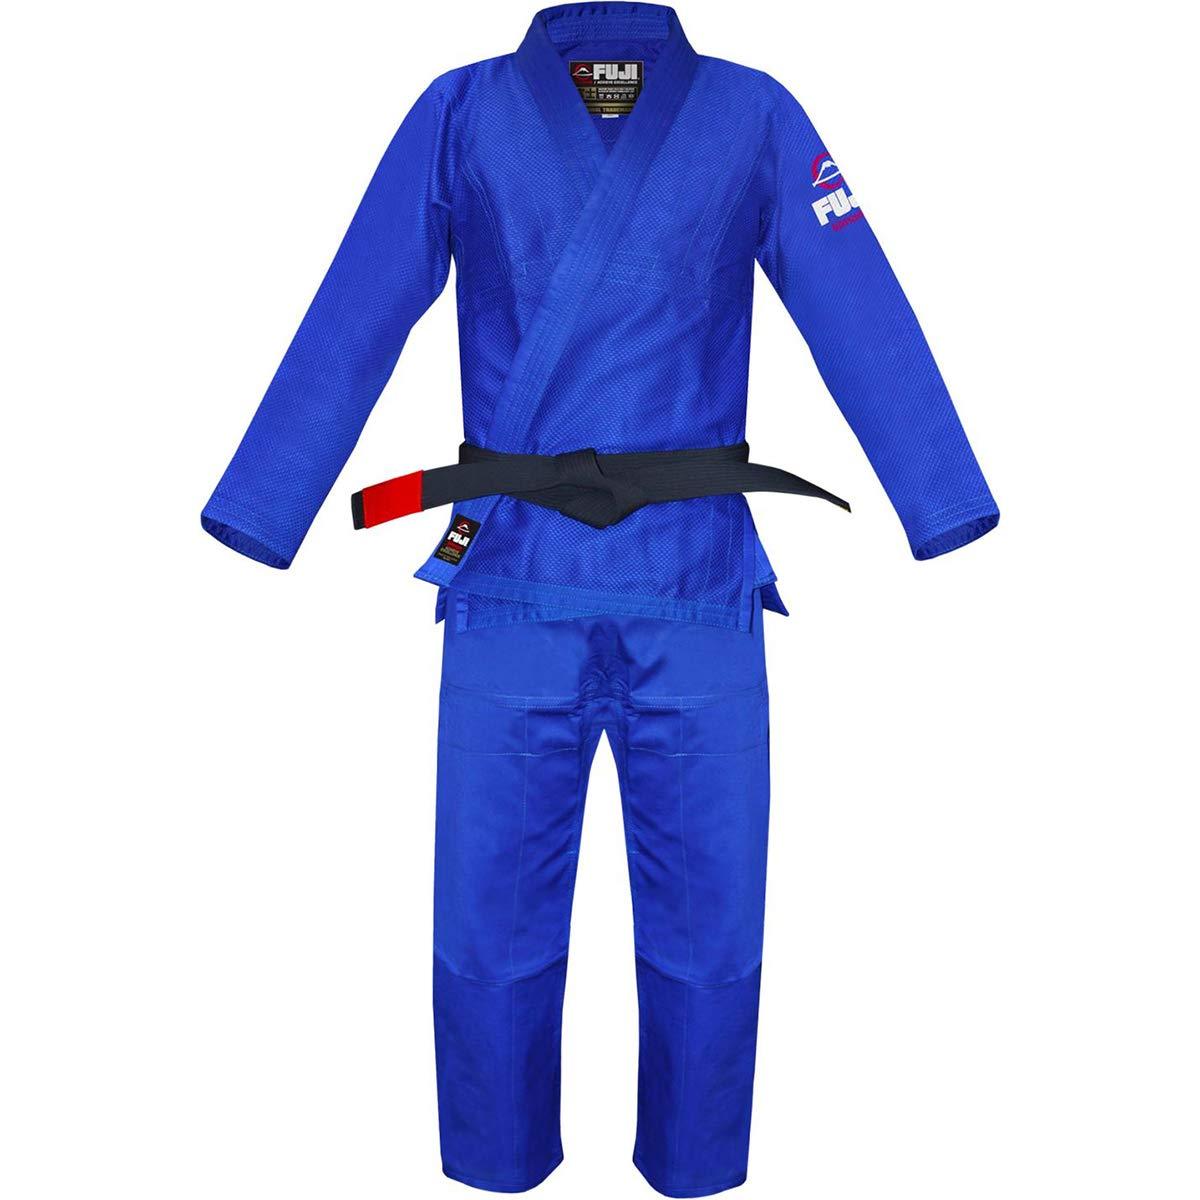 Fuji BJJ Uniform, Blue, A1